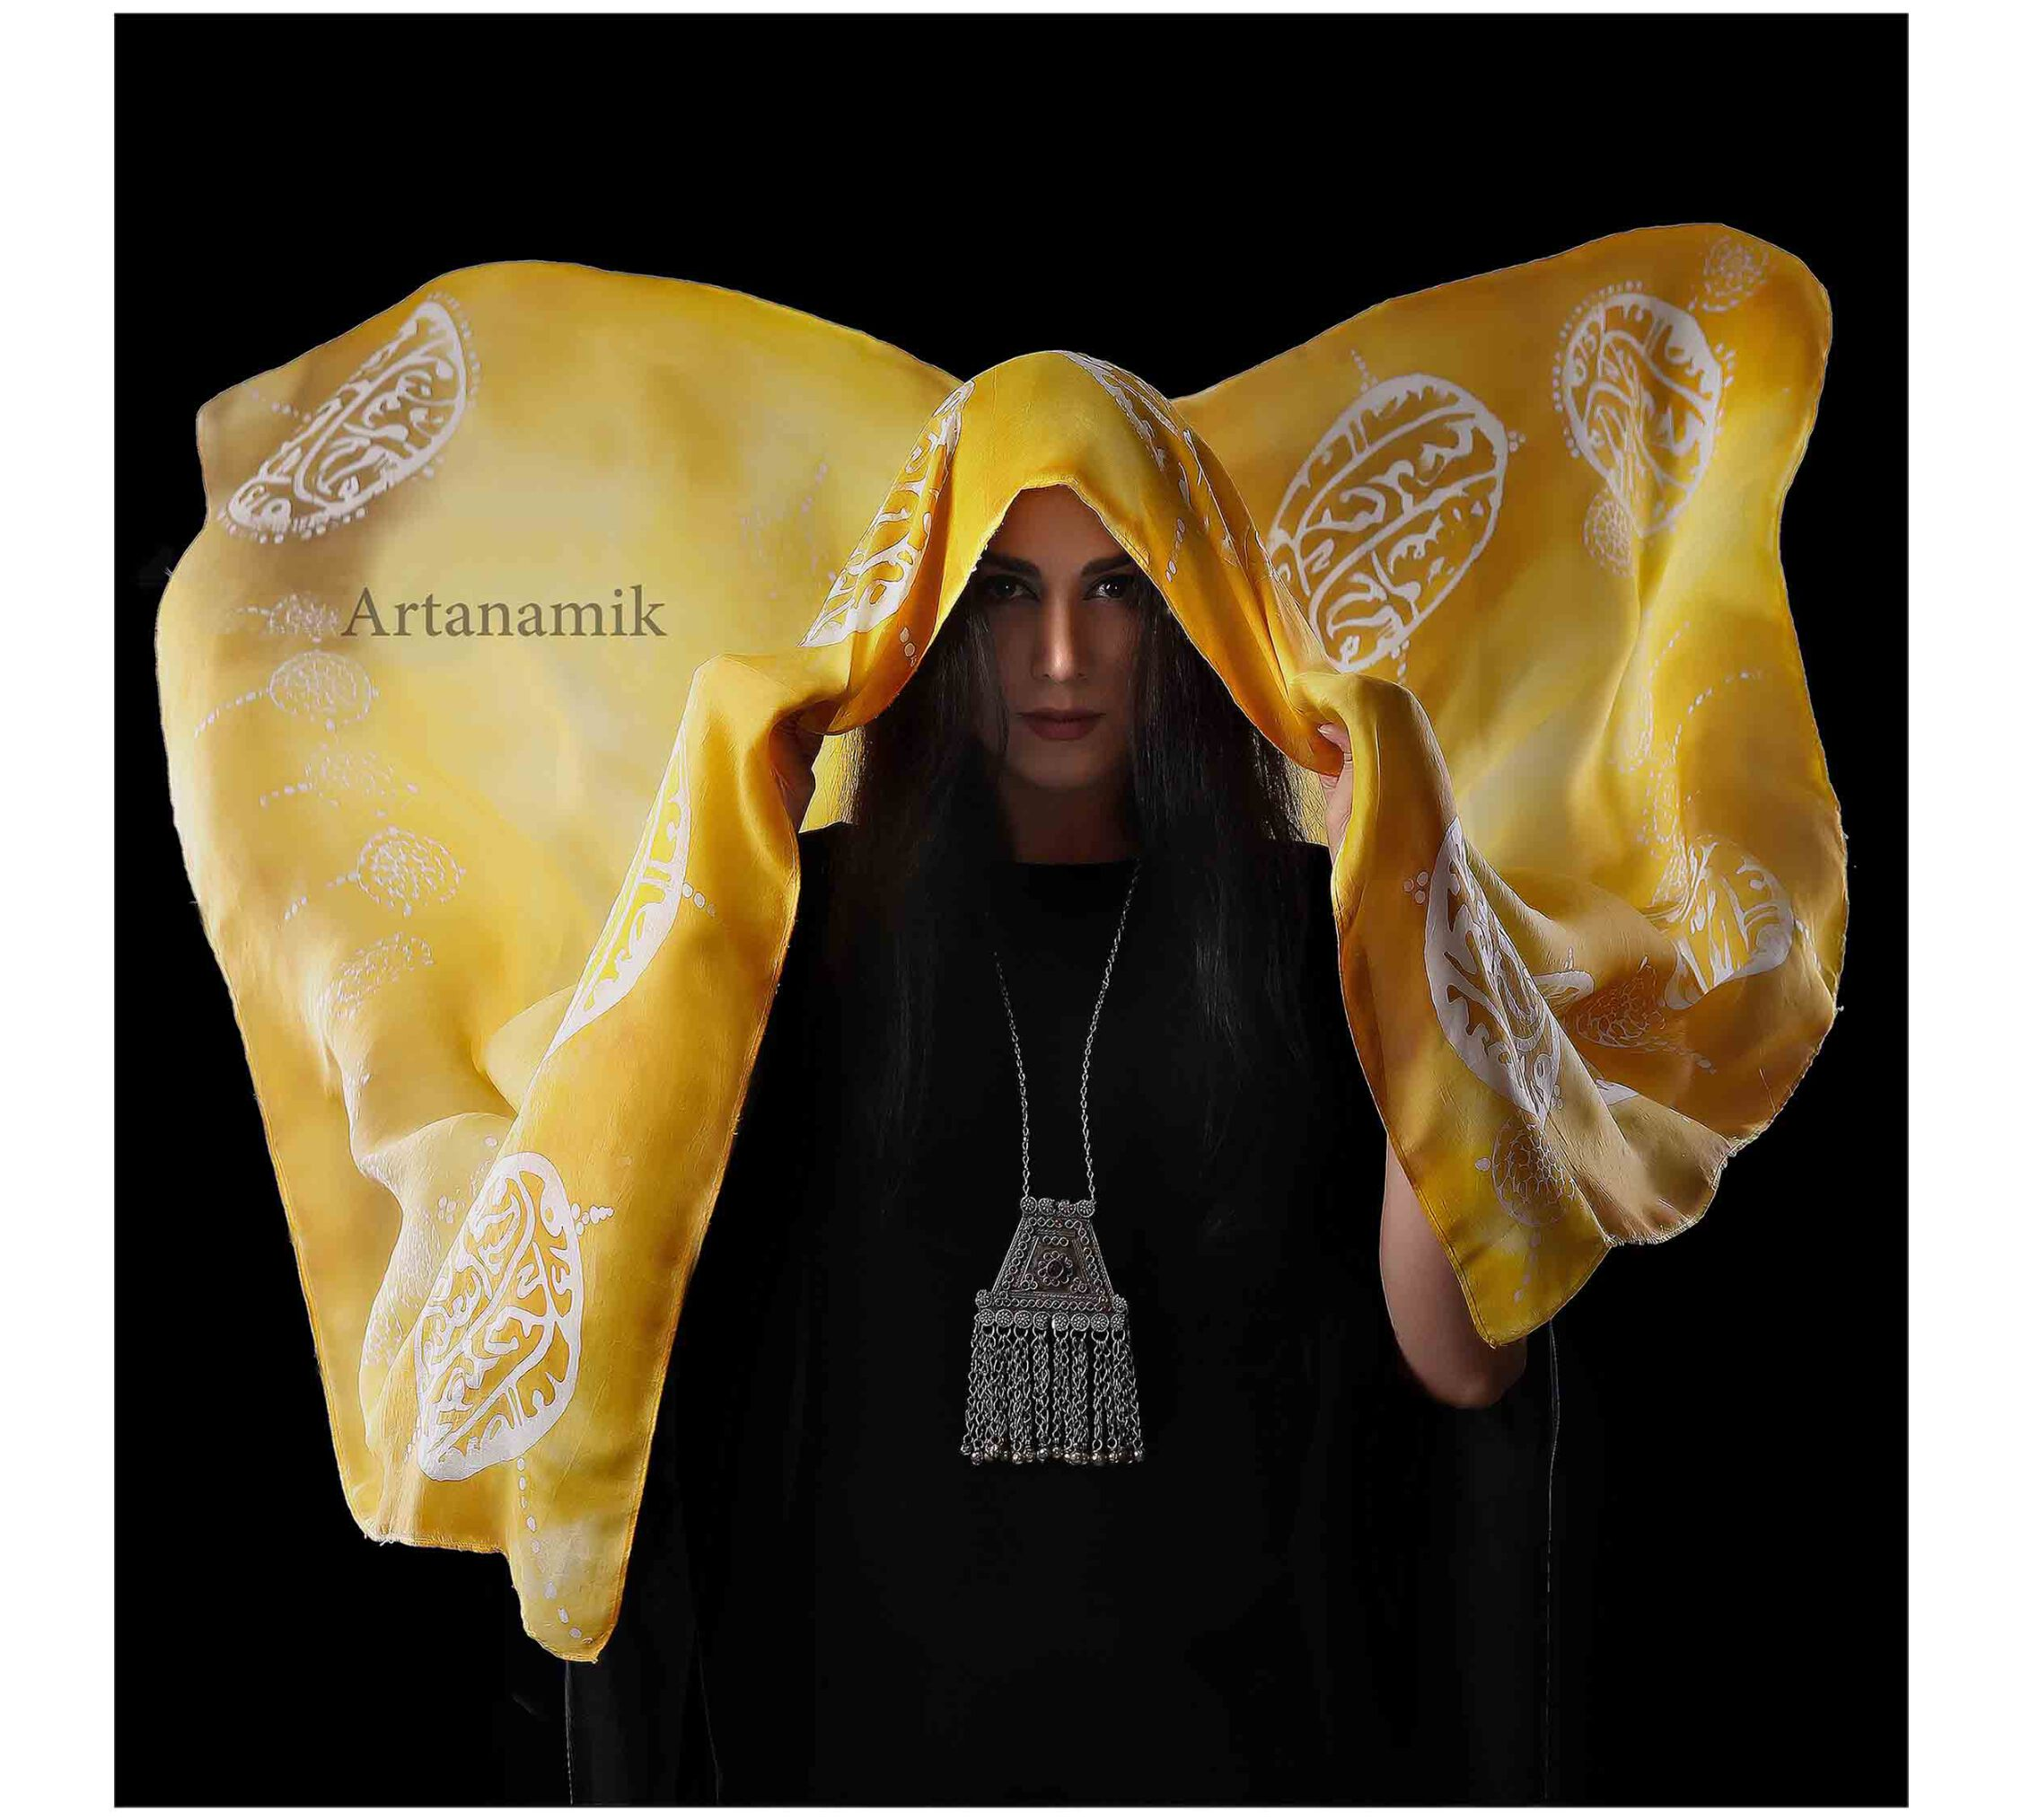 روسری ابریشم طبیعی با هنر ترکیب چاپ باتیک و رنگ آمیزی با دست